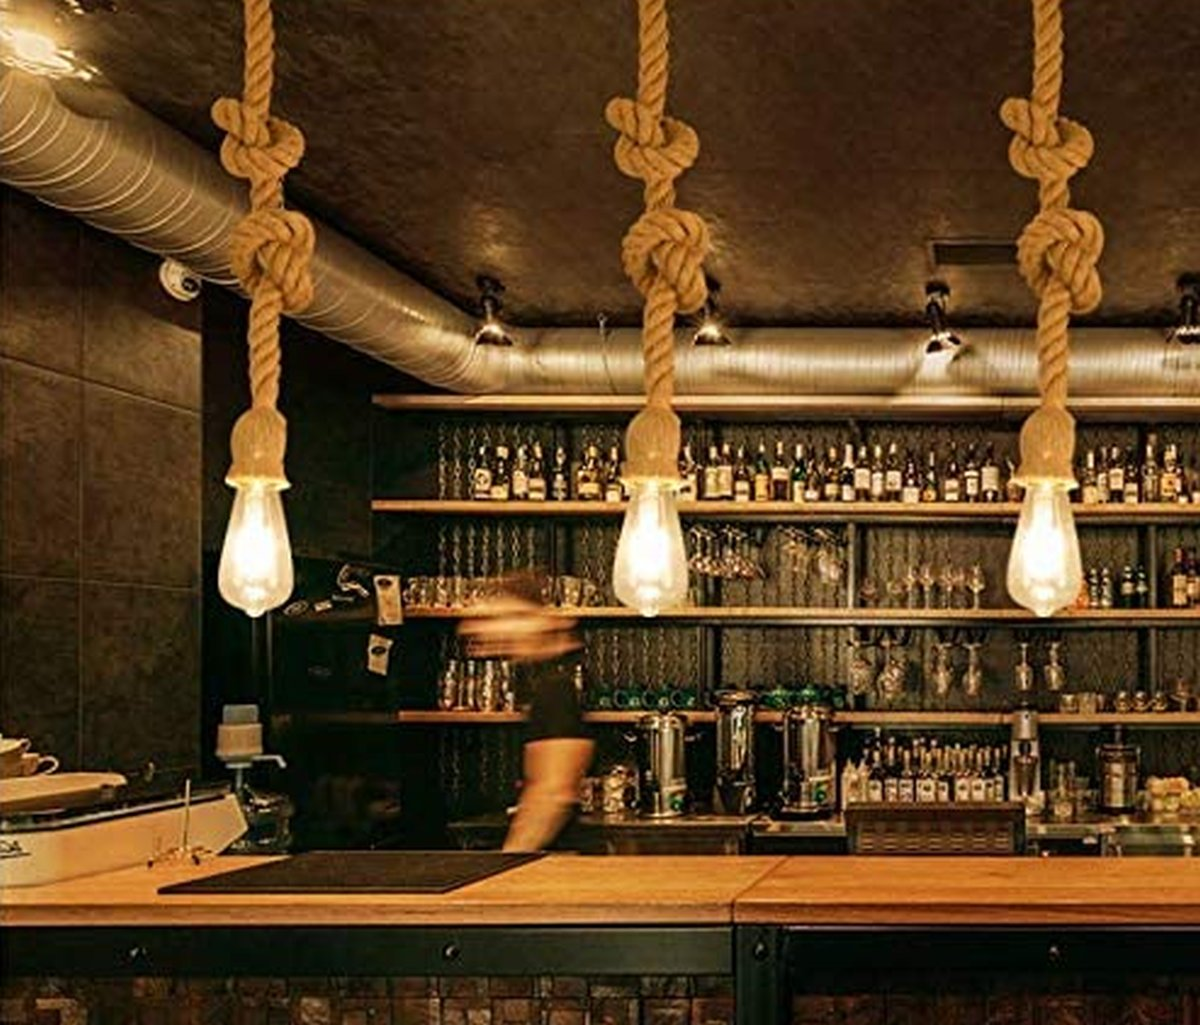 lampada-in-corda-di-canapa-a-sospensione-per-uso-singolo-punto-luce-o-multiplo-stile-industrial-bar